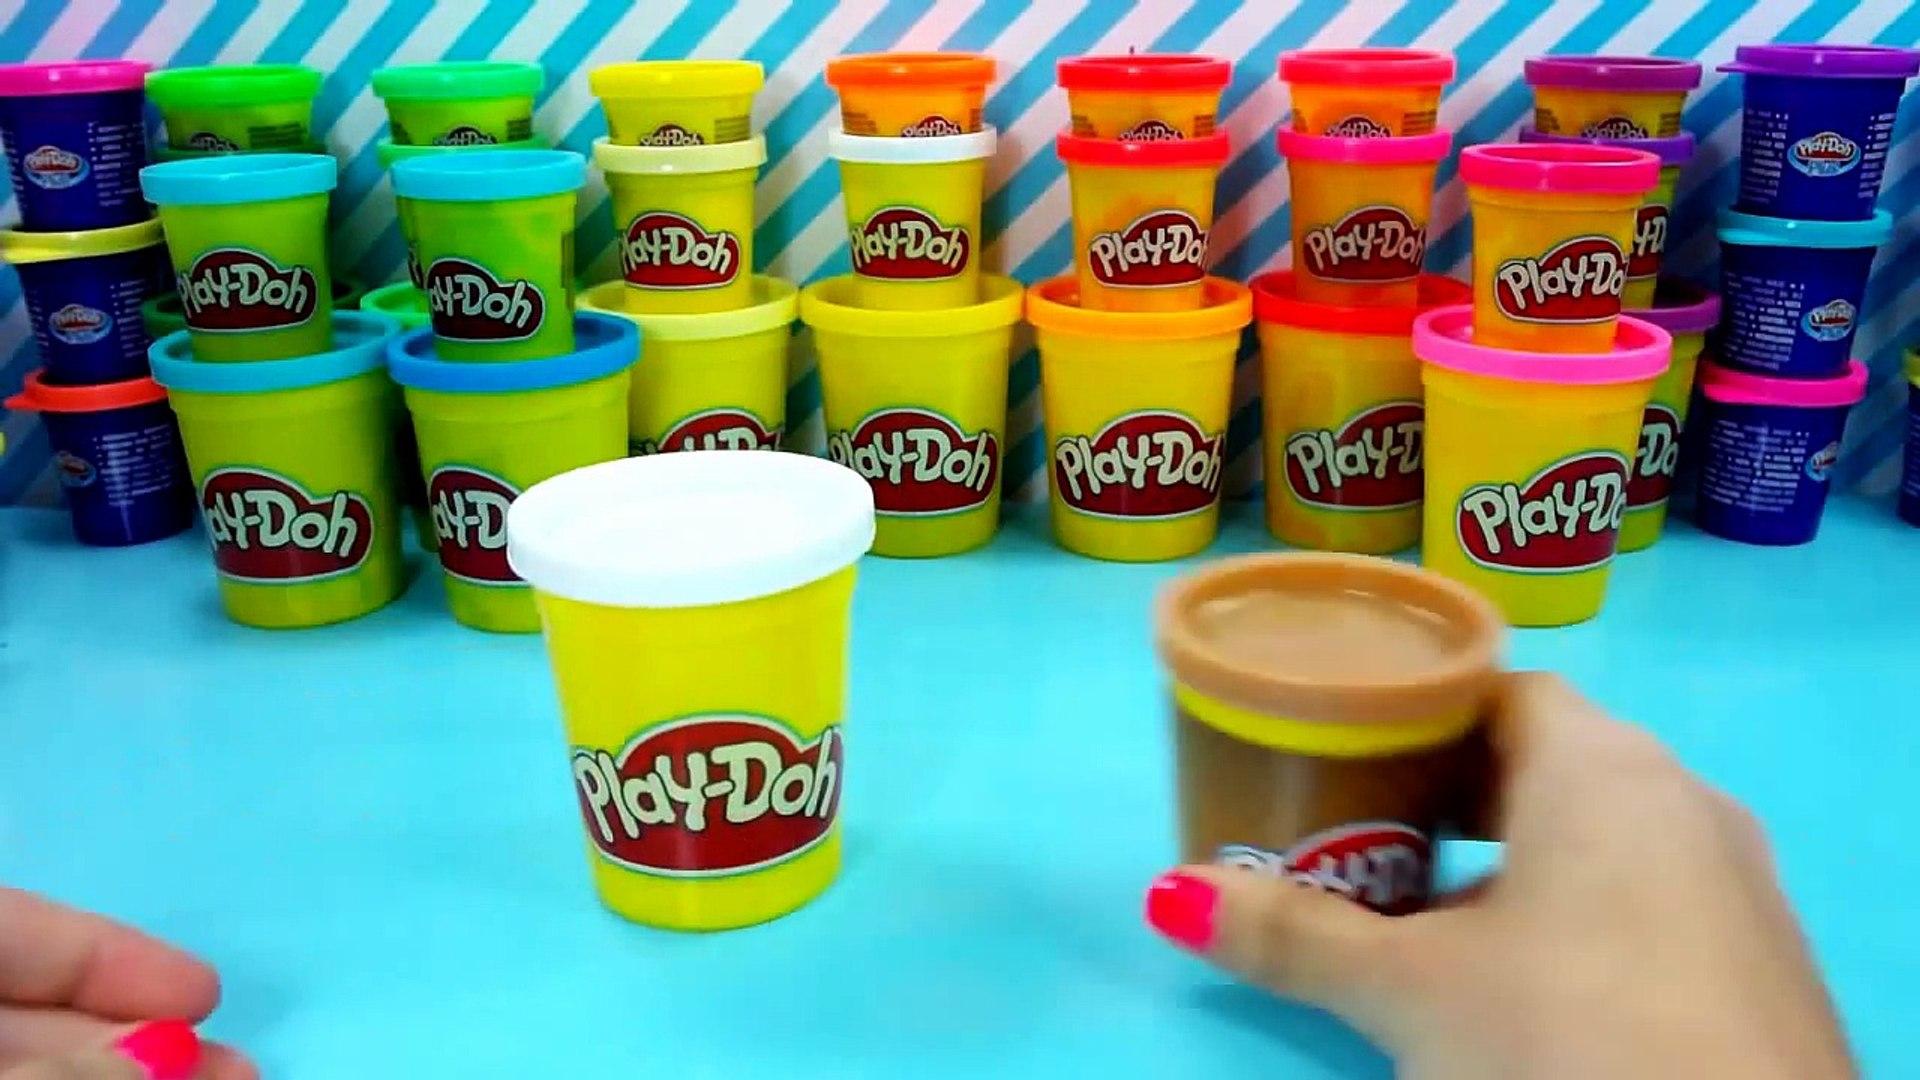 Mainan Masak Masakan Membuat Adonan Dari Lilln Mainan Play Doh Video Dailymotion